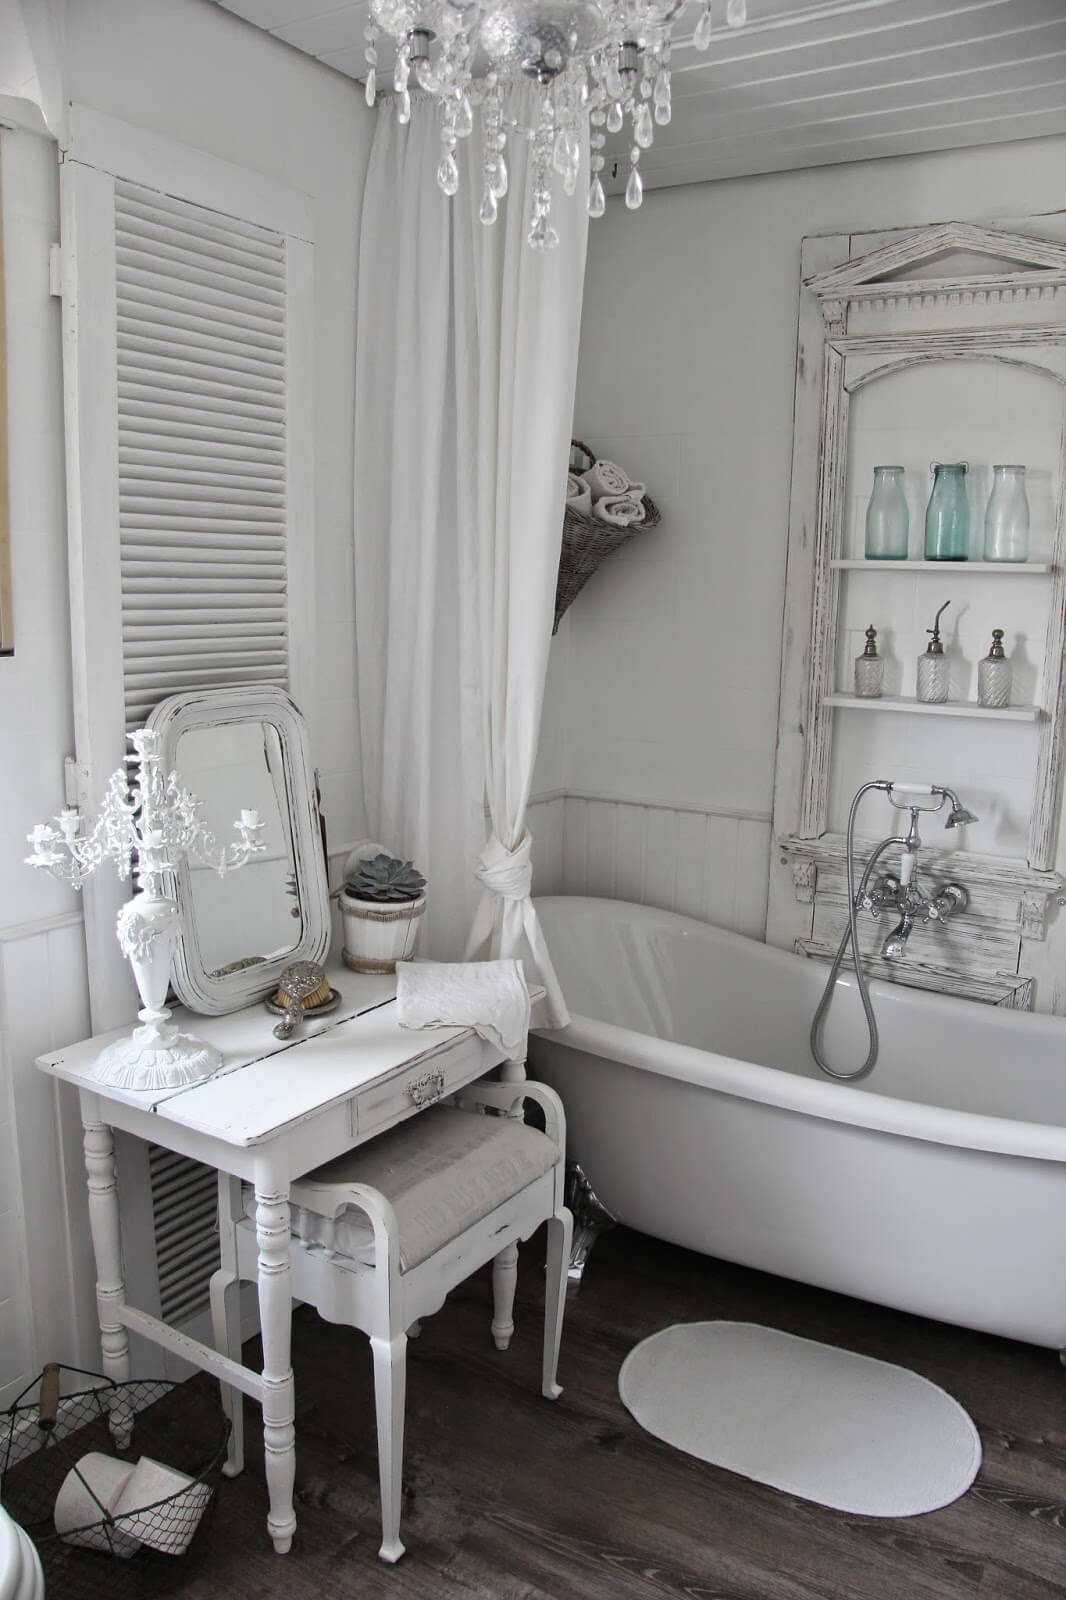 salle de bain shabby chic voici 20 id es qui sauront vous inspirer. Black Bedroom Furniture Sets. Home Design Ideas